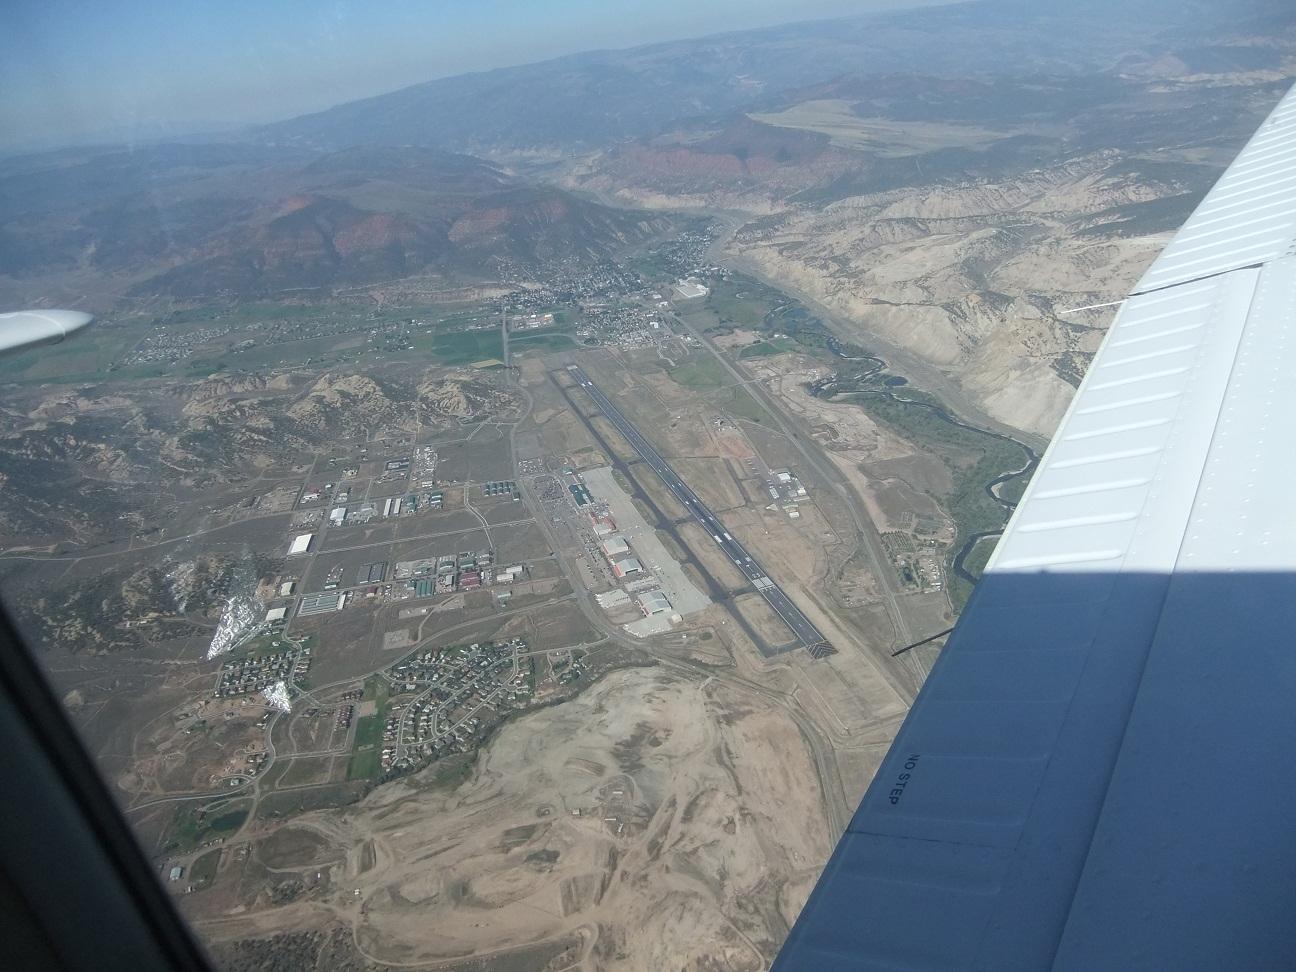 Аэропорт Игл Каунти Риджинал (Eagle County Regional) в США Вид из иллюминатора самолёта